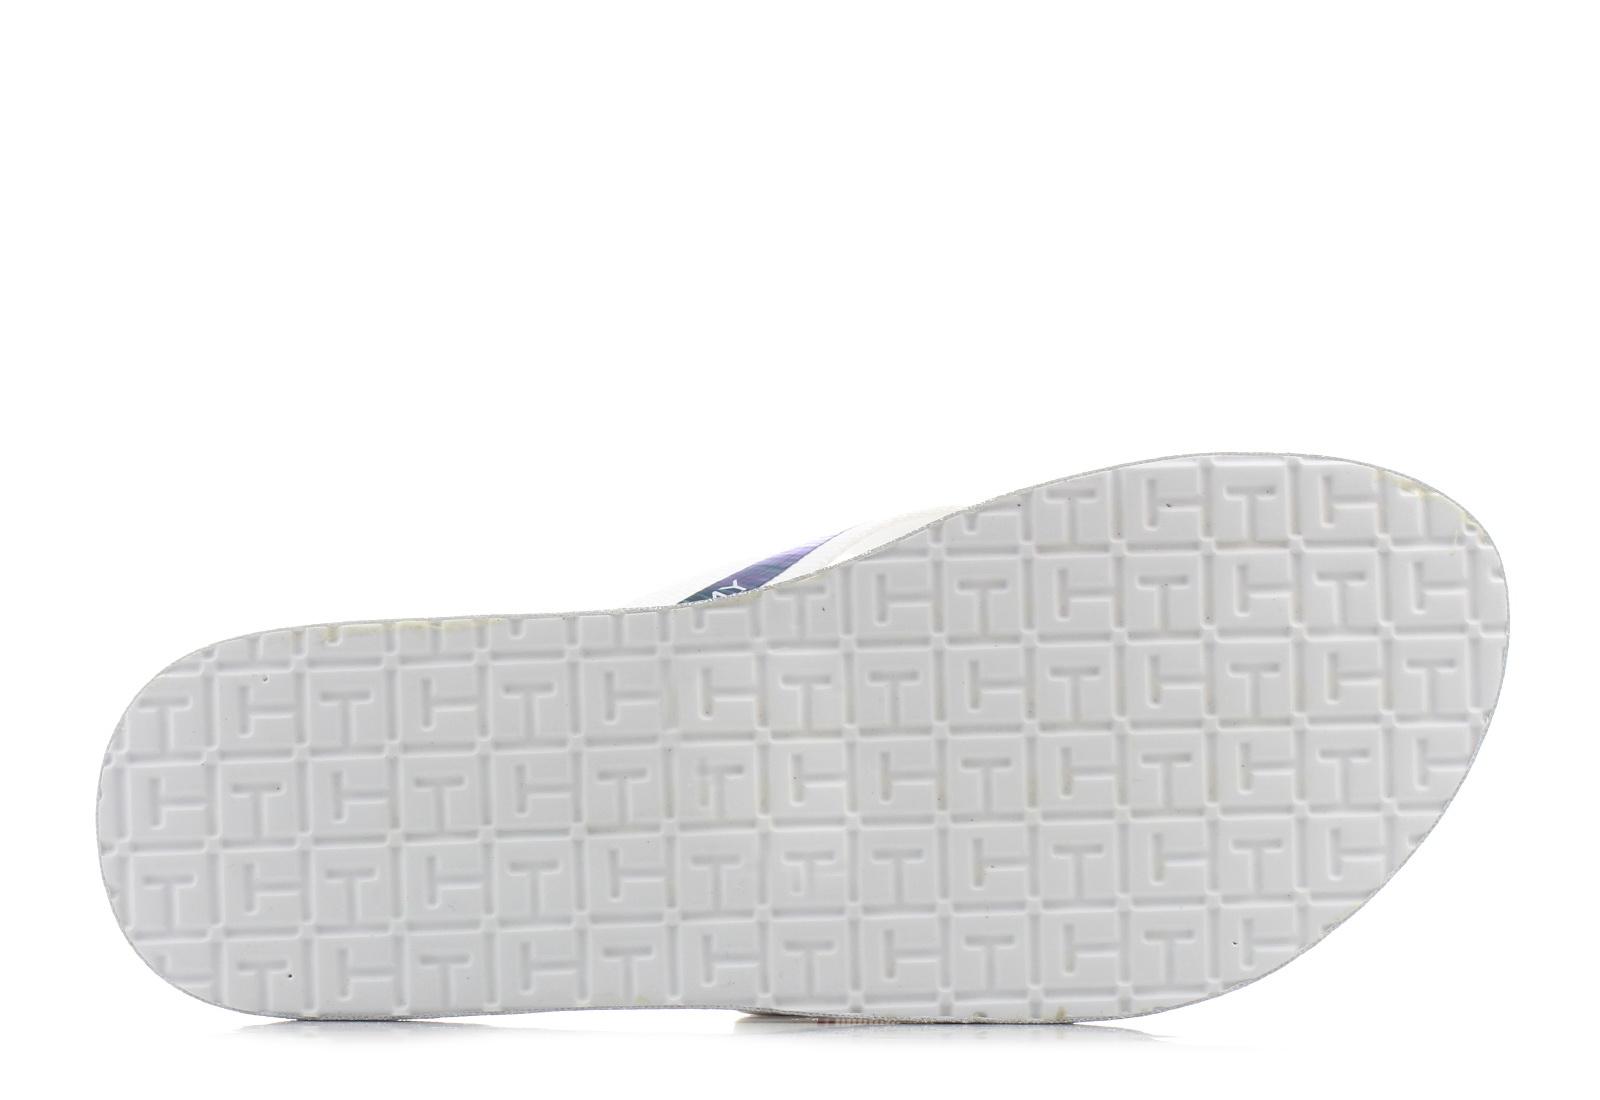 eff9cc17c2e2 Tommy Hilfiger Papucs - Myra 44d - 19S-4016-100 - Office Shoes ...